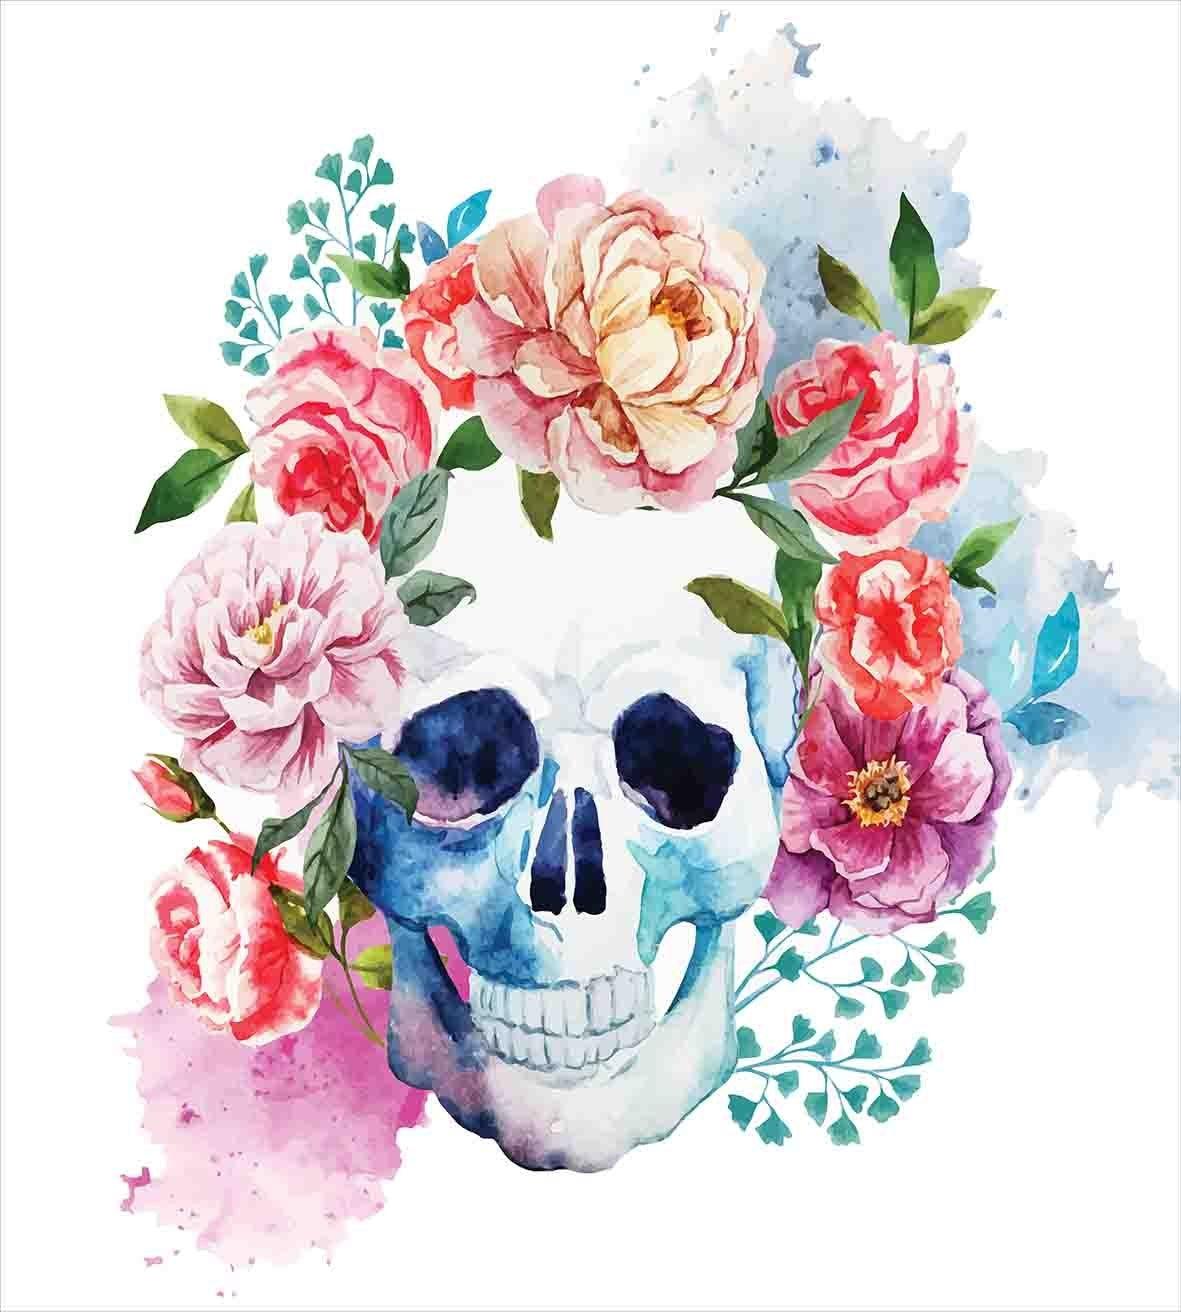 Набор пододеяльников для пуховых одеял с изображением черепа, размер королевы, смешной череп, красочная цветочная голова, викторианский стиль, мертвый скелет, графический Рисунок, Комплект постельного белья - 2